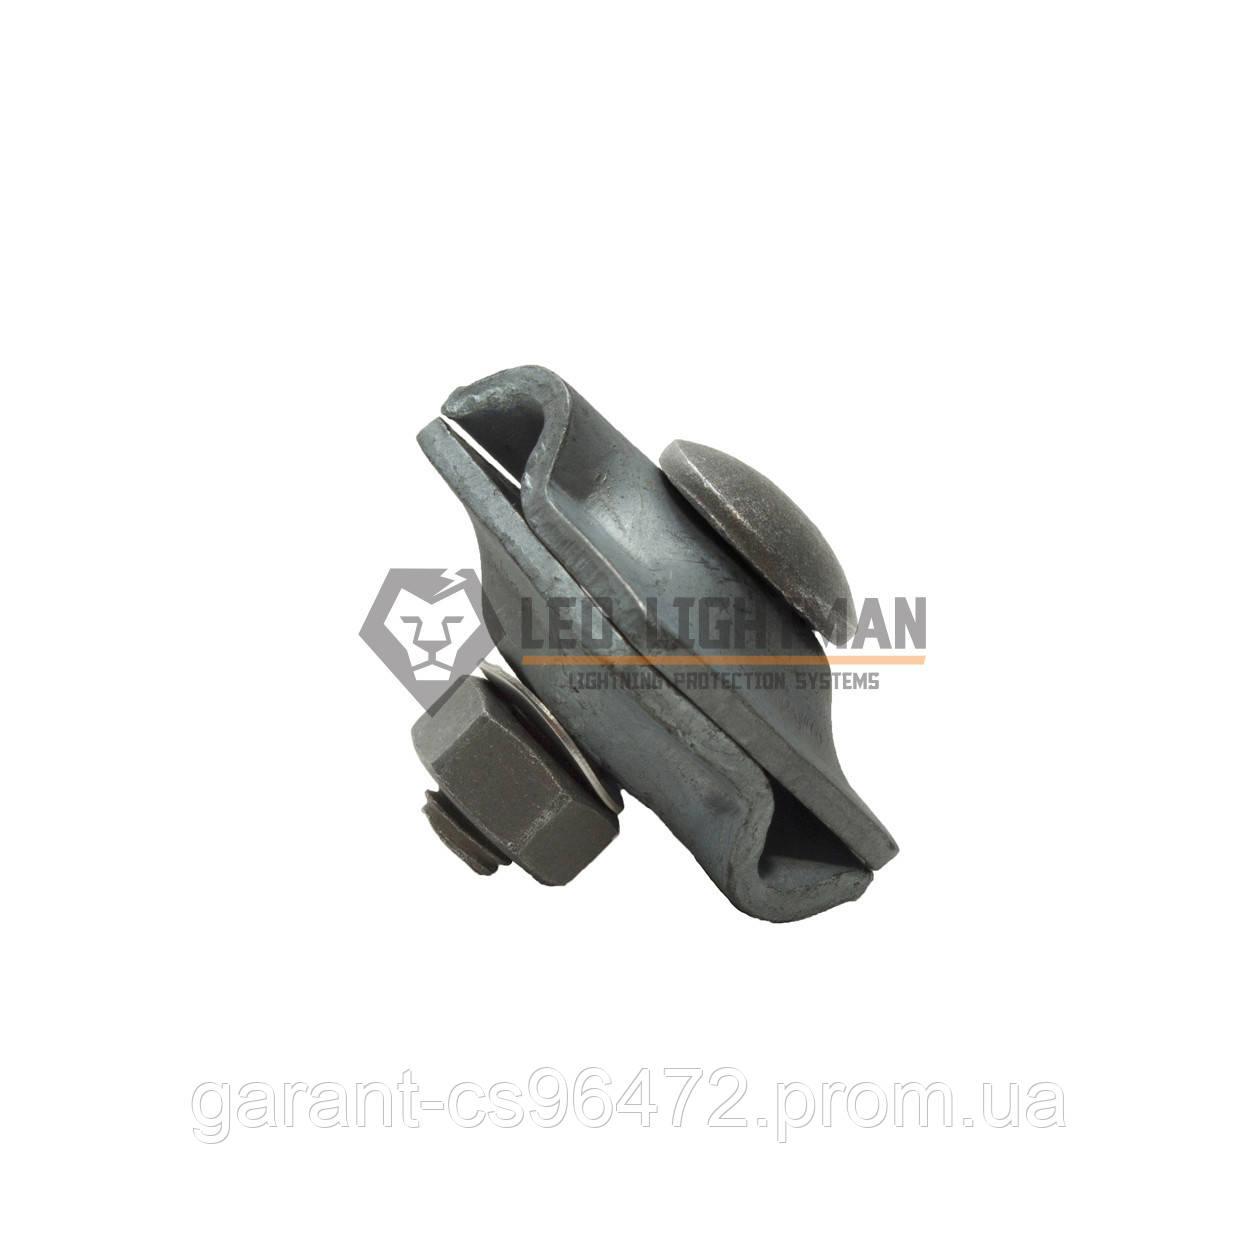 Соединитель Vario для круглых проводников Ø8-10 мм St/tZn